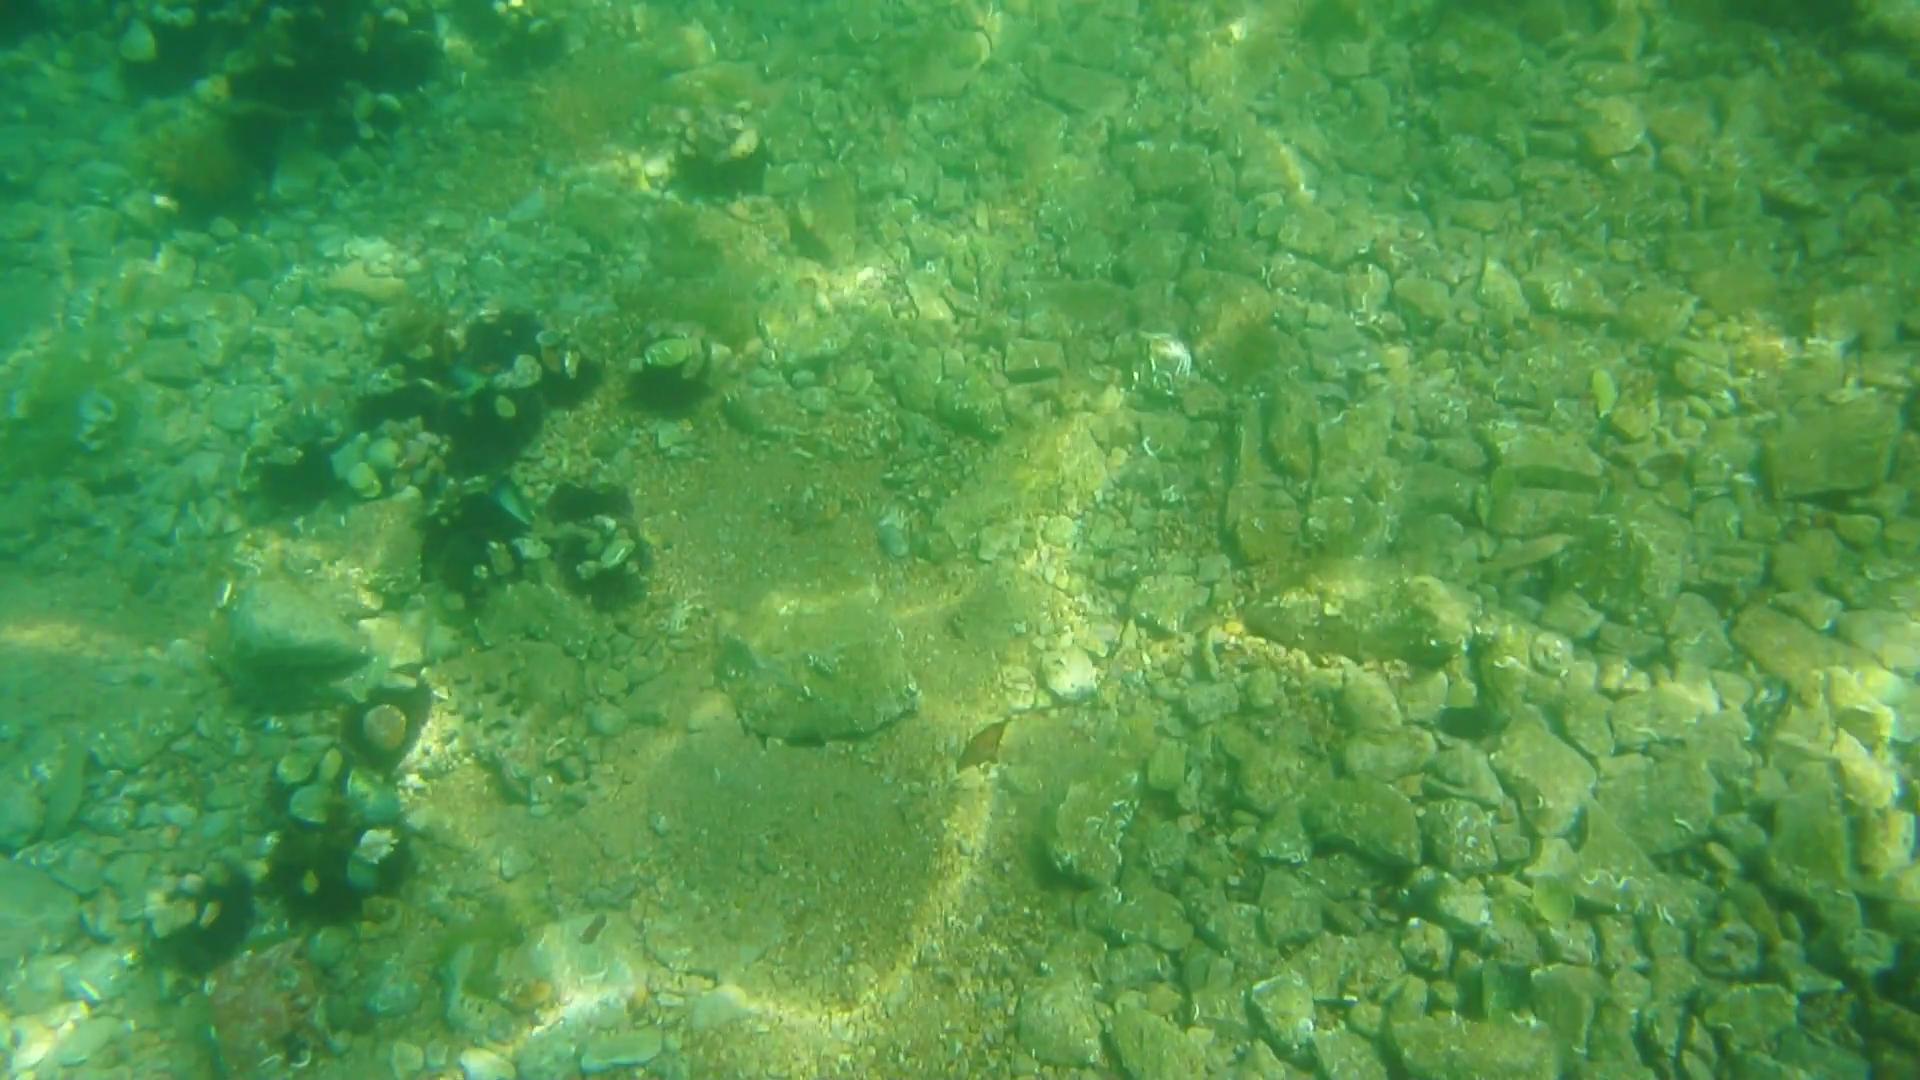 Как черви в огороде, крошечные существа на морском дне смешивают и перерабатывают органический материал